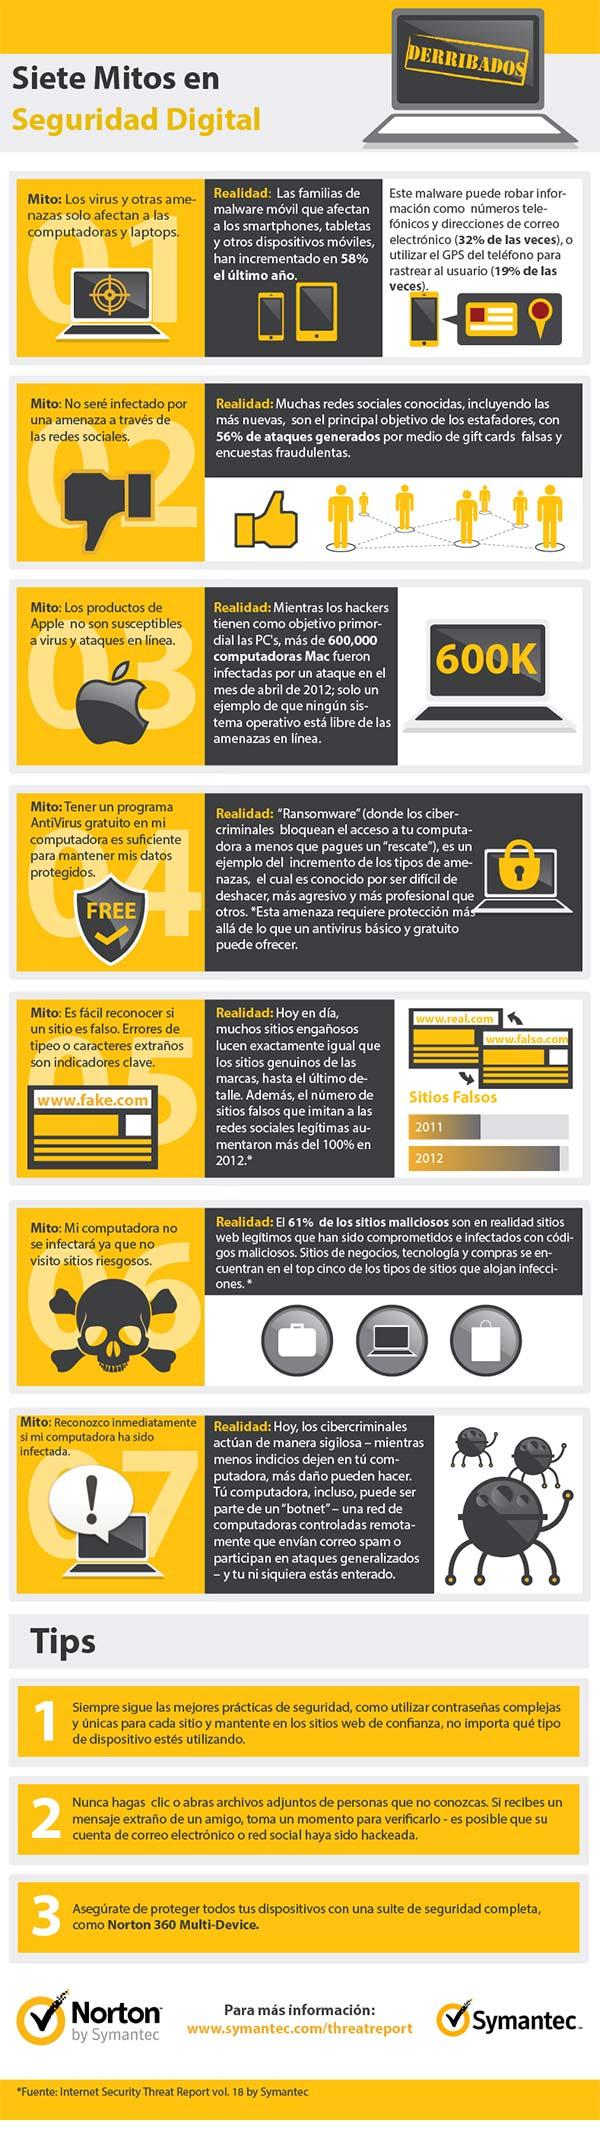 Siete mitos sobre seguridad digital derribados